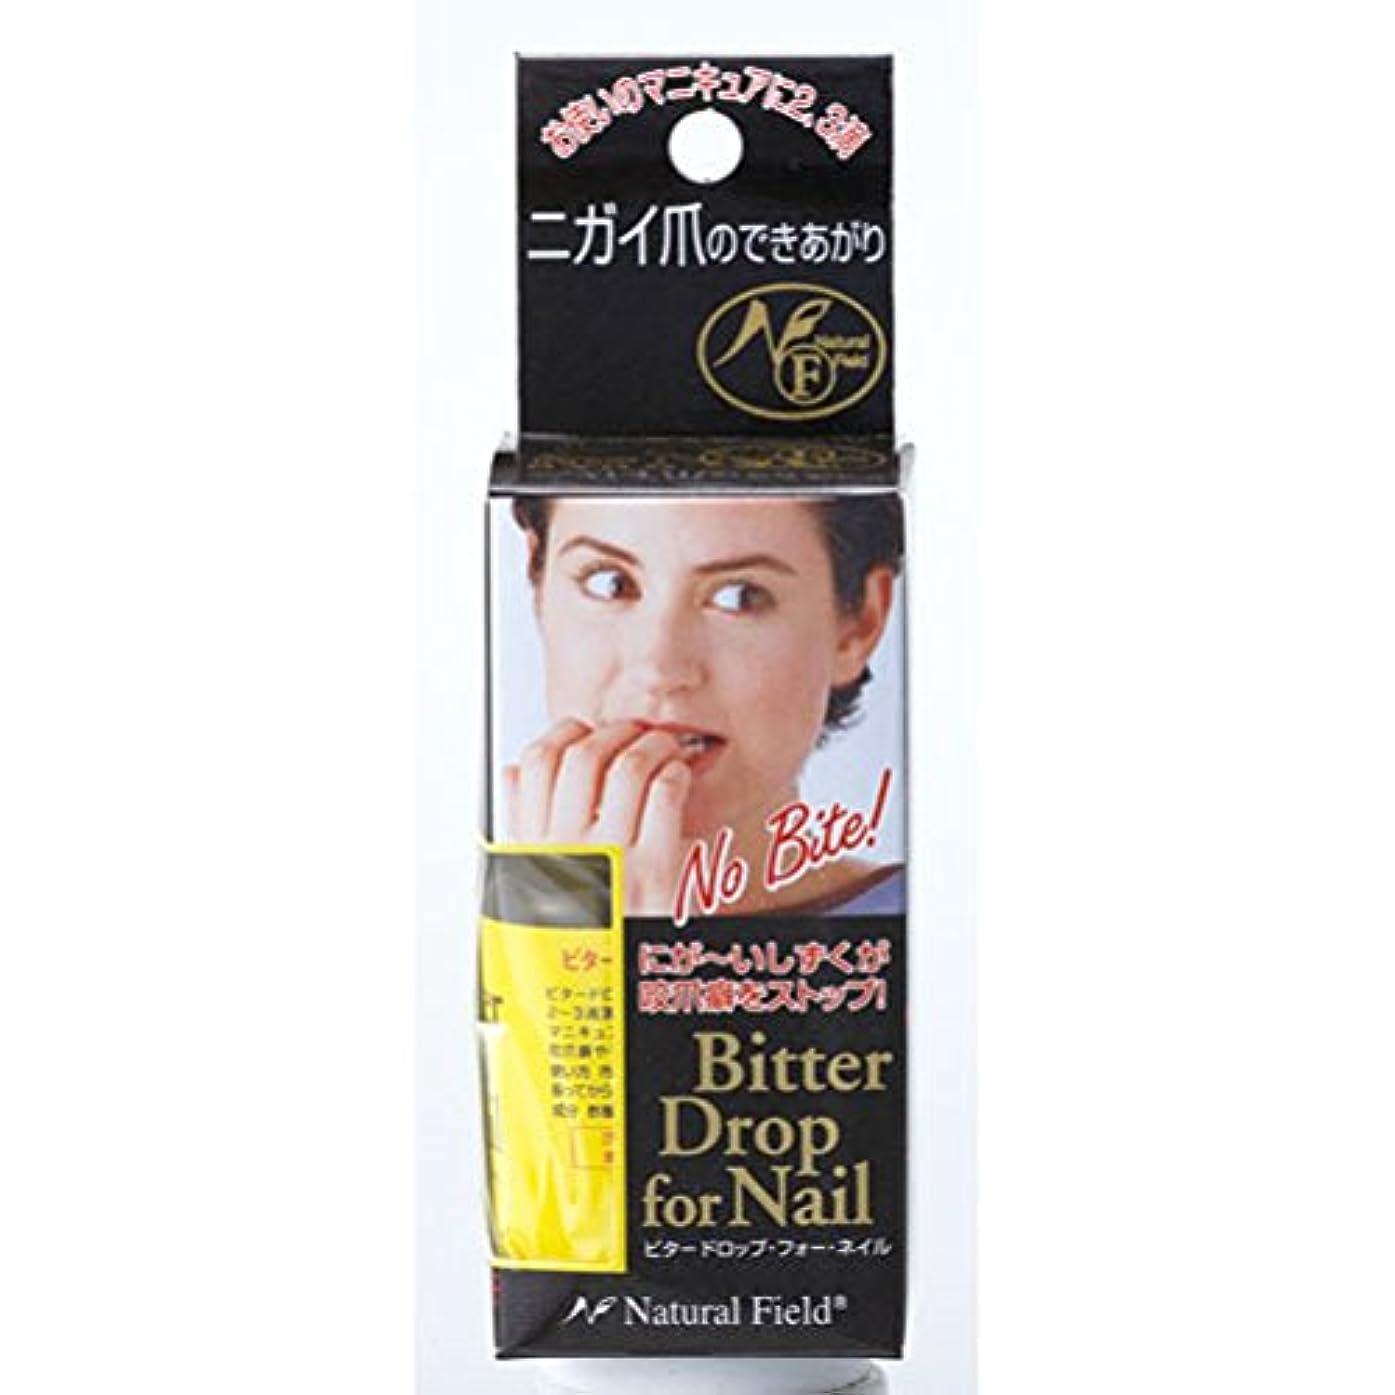 例示するマットレス腐敗したNatural Field ビターフォードロップ 20ml 「咬爪癖防止」商品